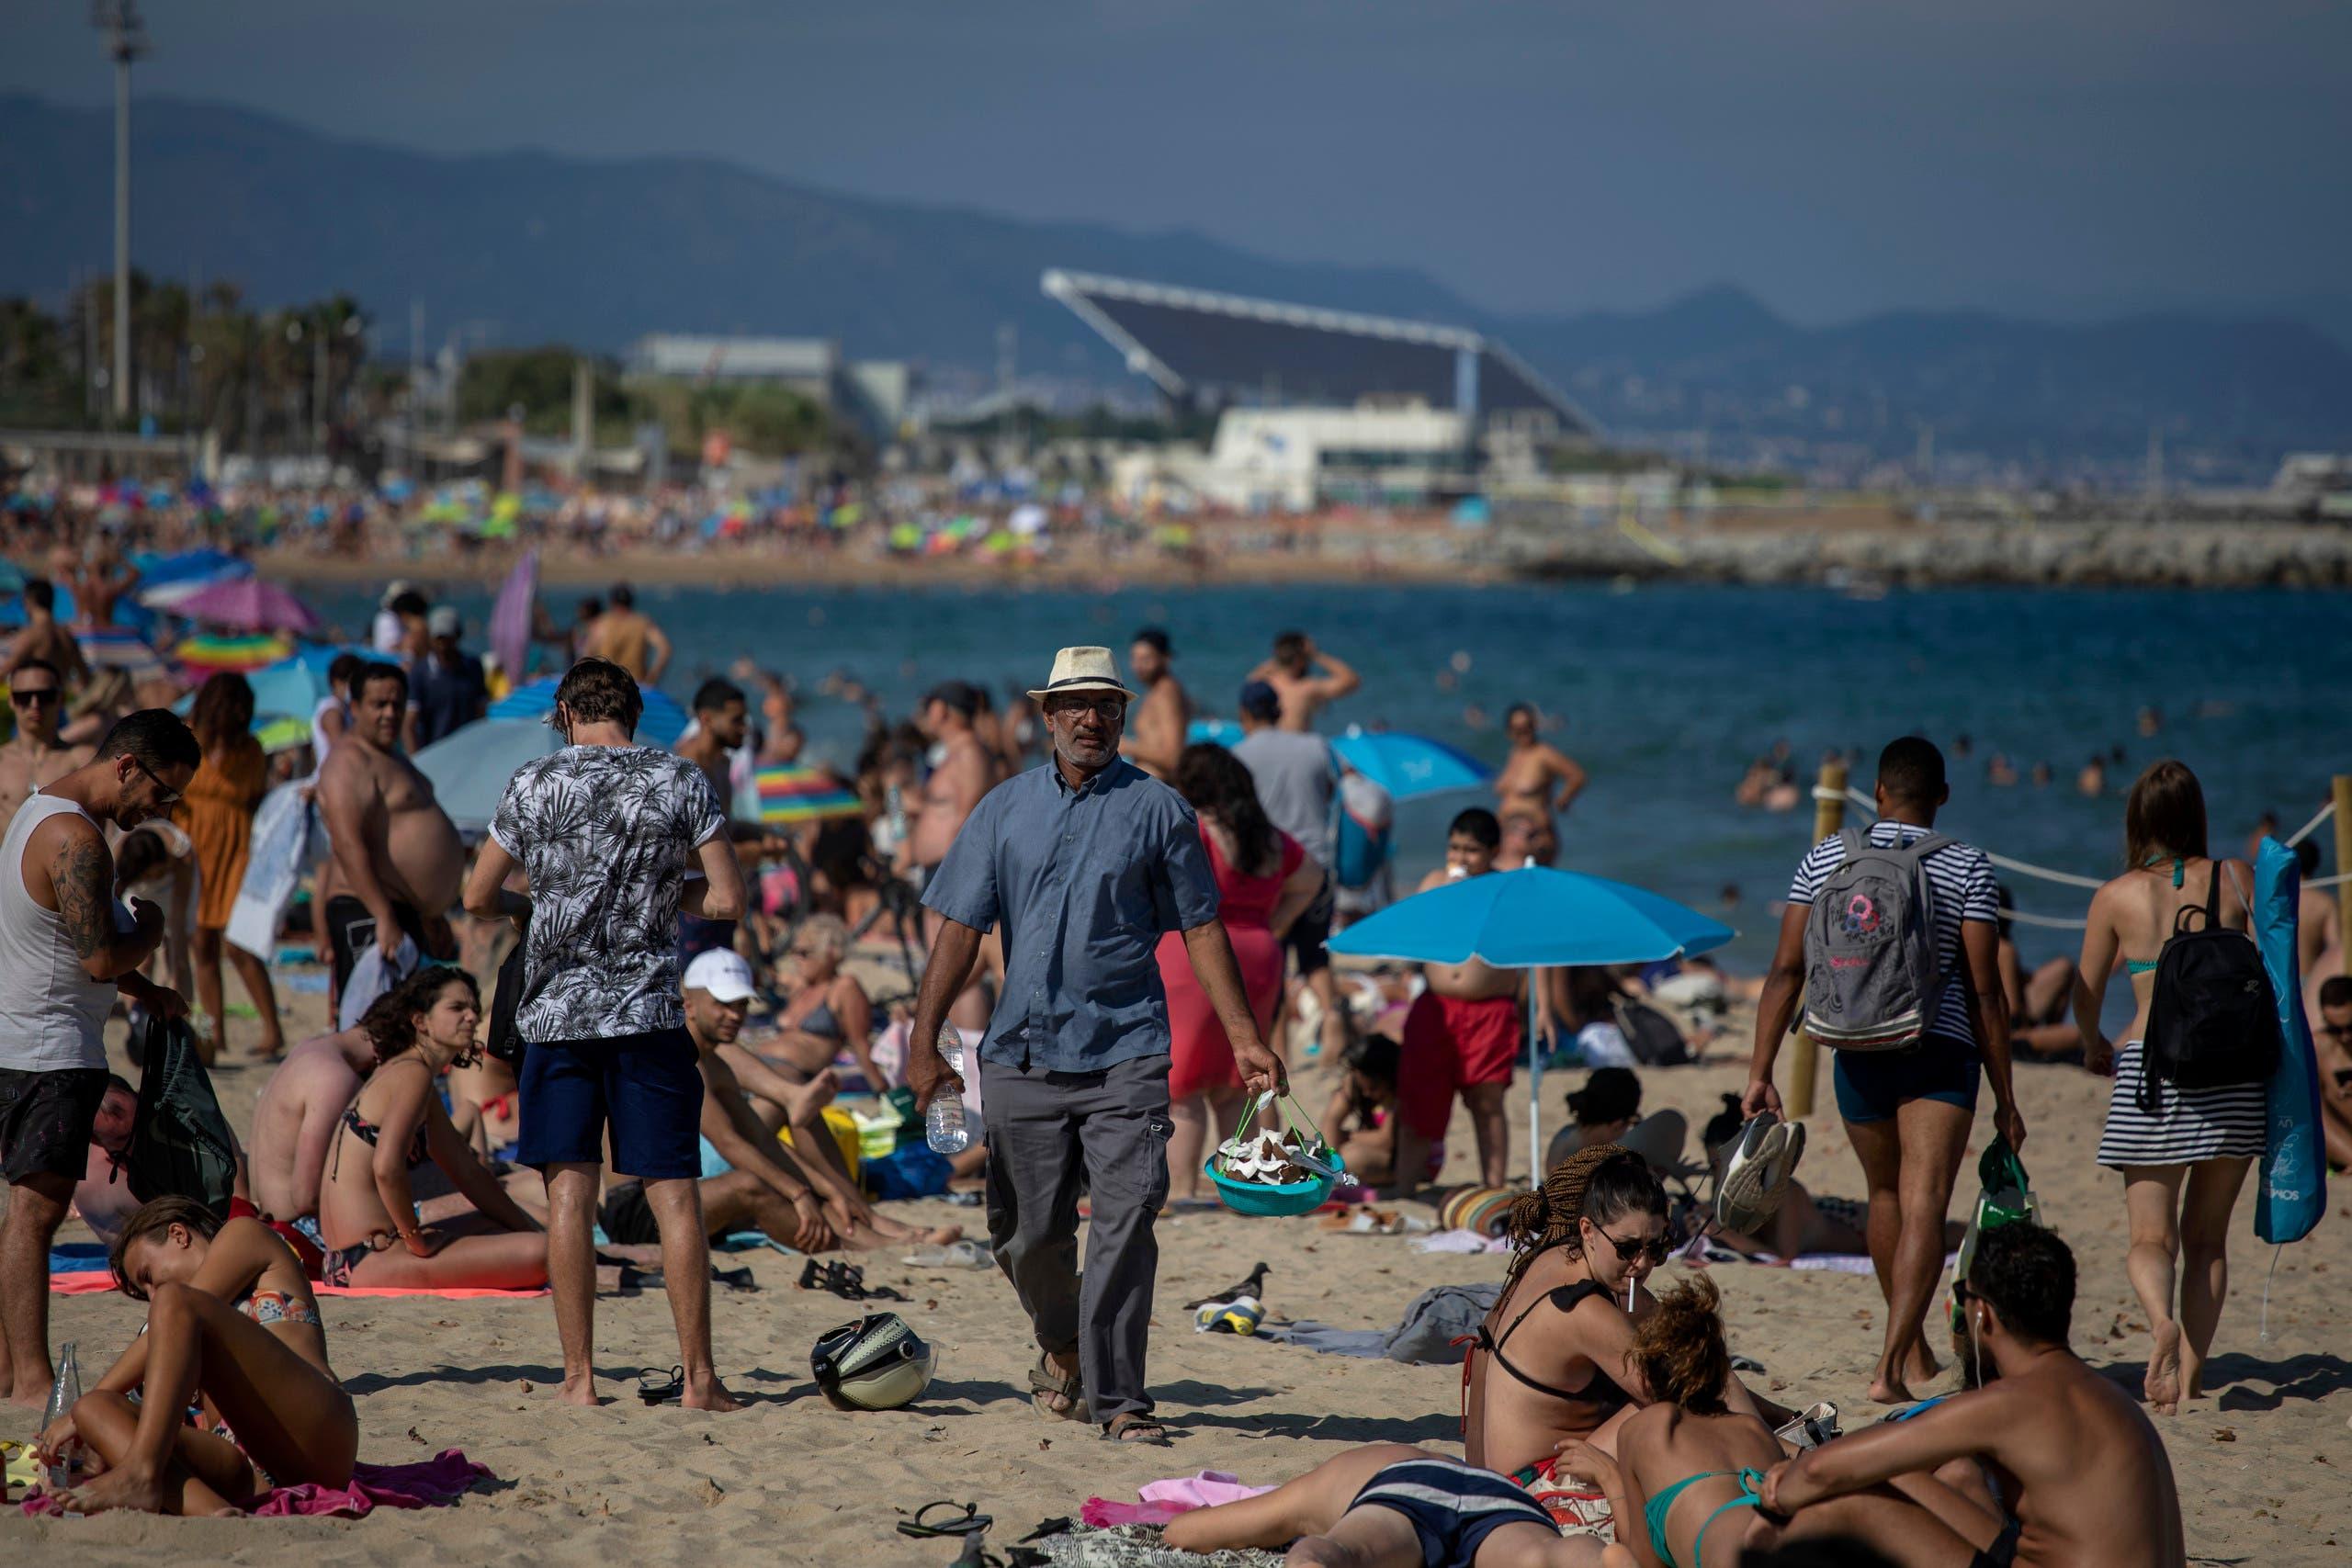 People enjoy the beach in Barcelona on July 18, 2020. (AP)